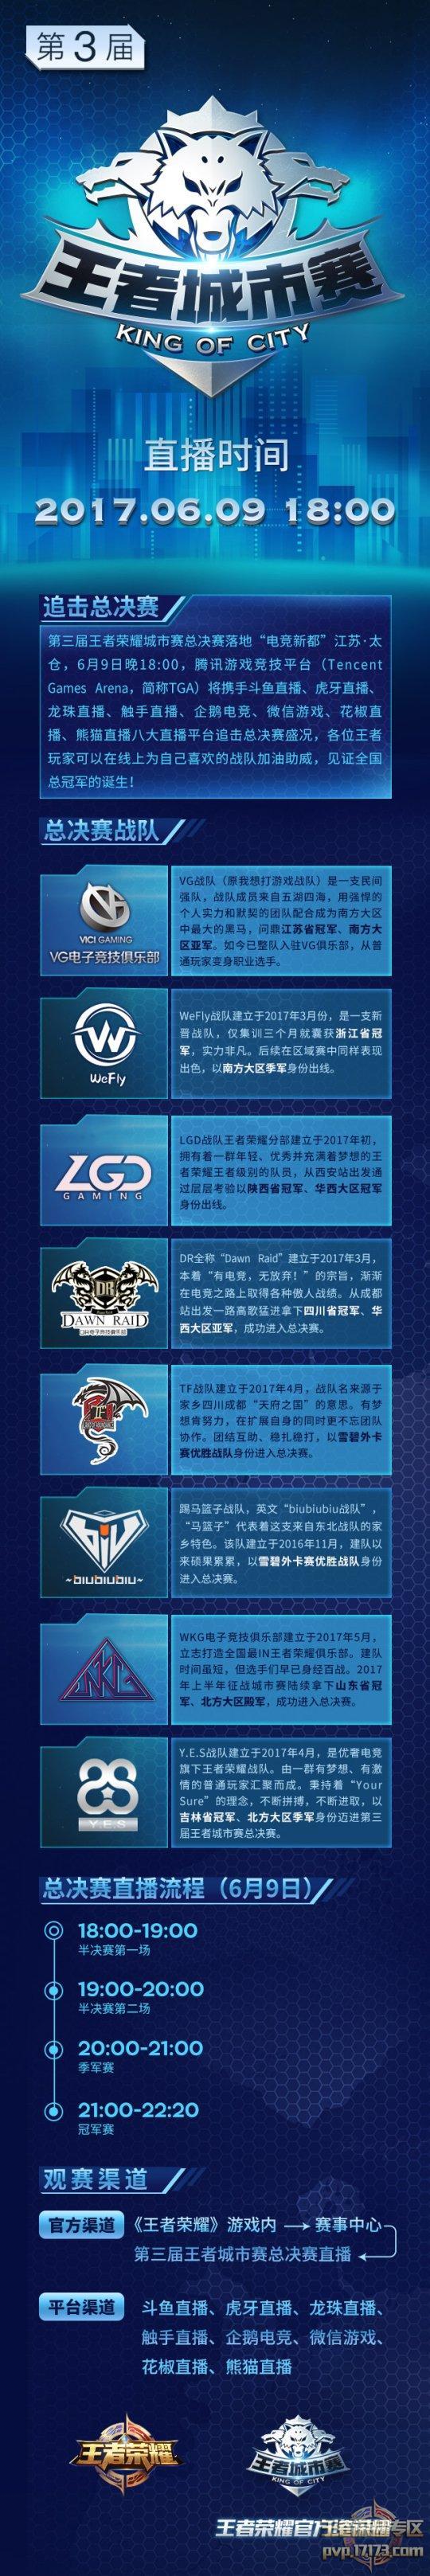 【6.8】《王者荣耀》第三届王者城市赛总决赛战队巡礼.jpg